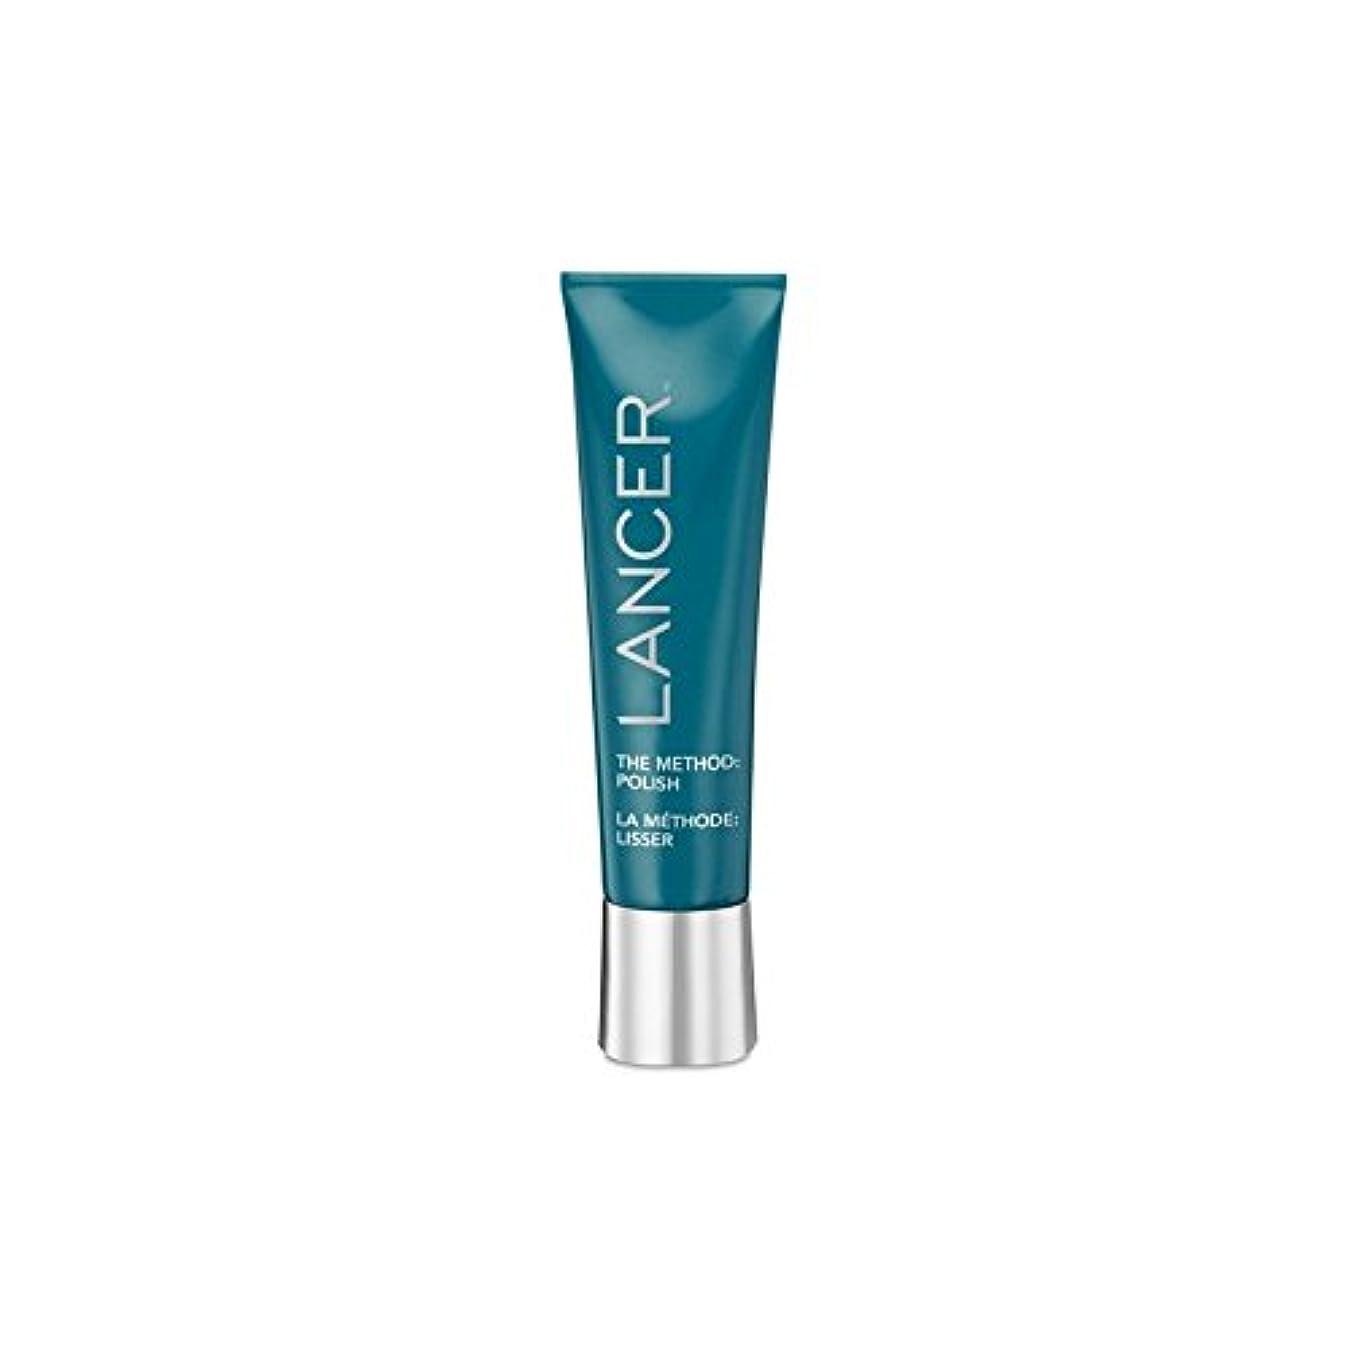 速記第九読書をするLancer Skincare The Method: Polish (Bonus Size 227G) - ポリッシュ(ボーナスサイズ227グラム):ランサーは、メソッドをスキンケア [並行輸入品]